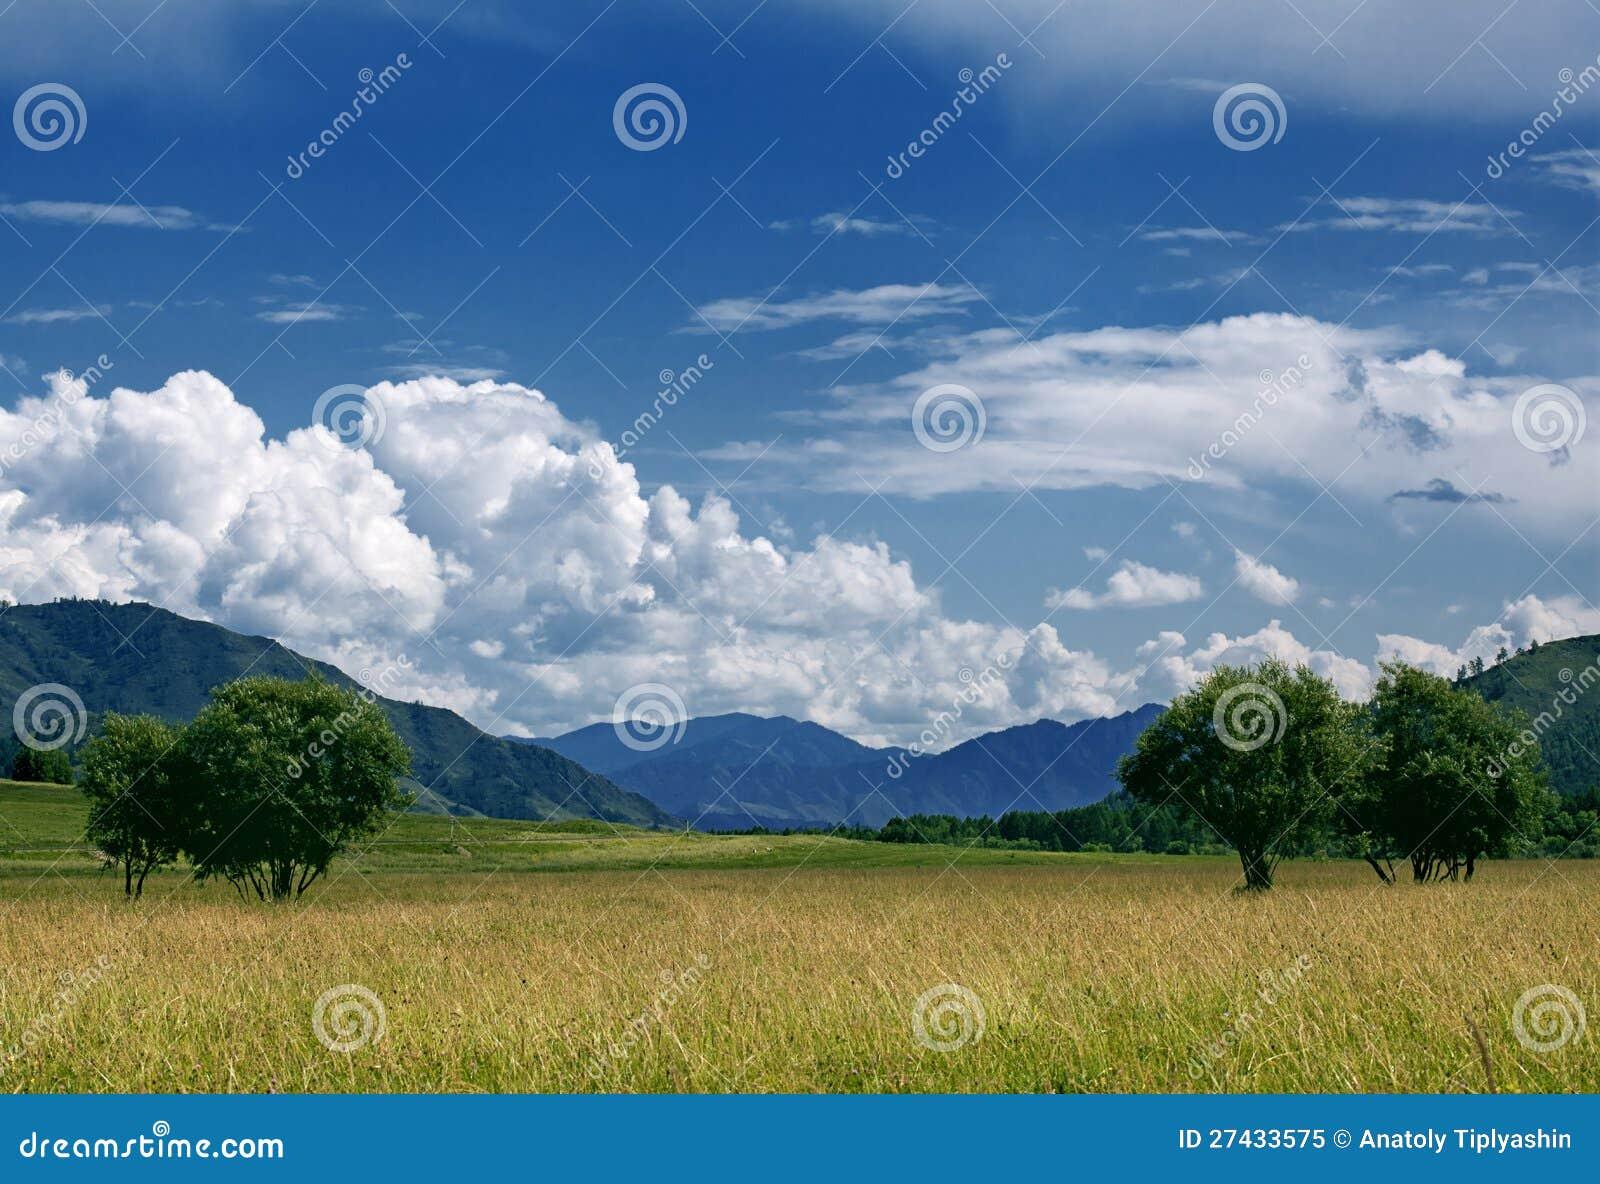 Field of summer grass